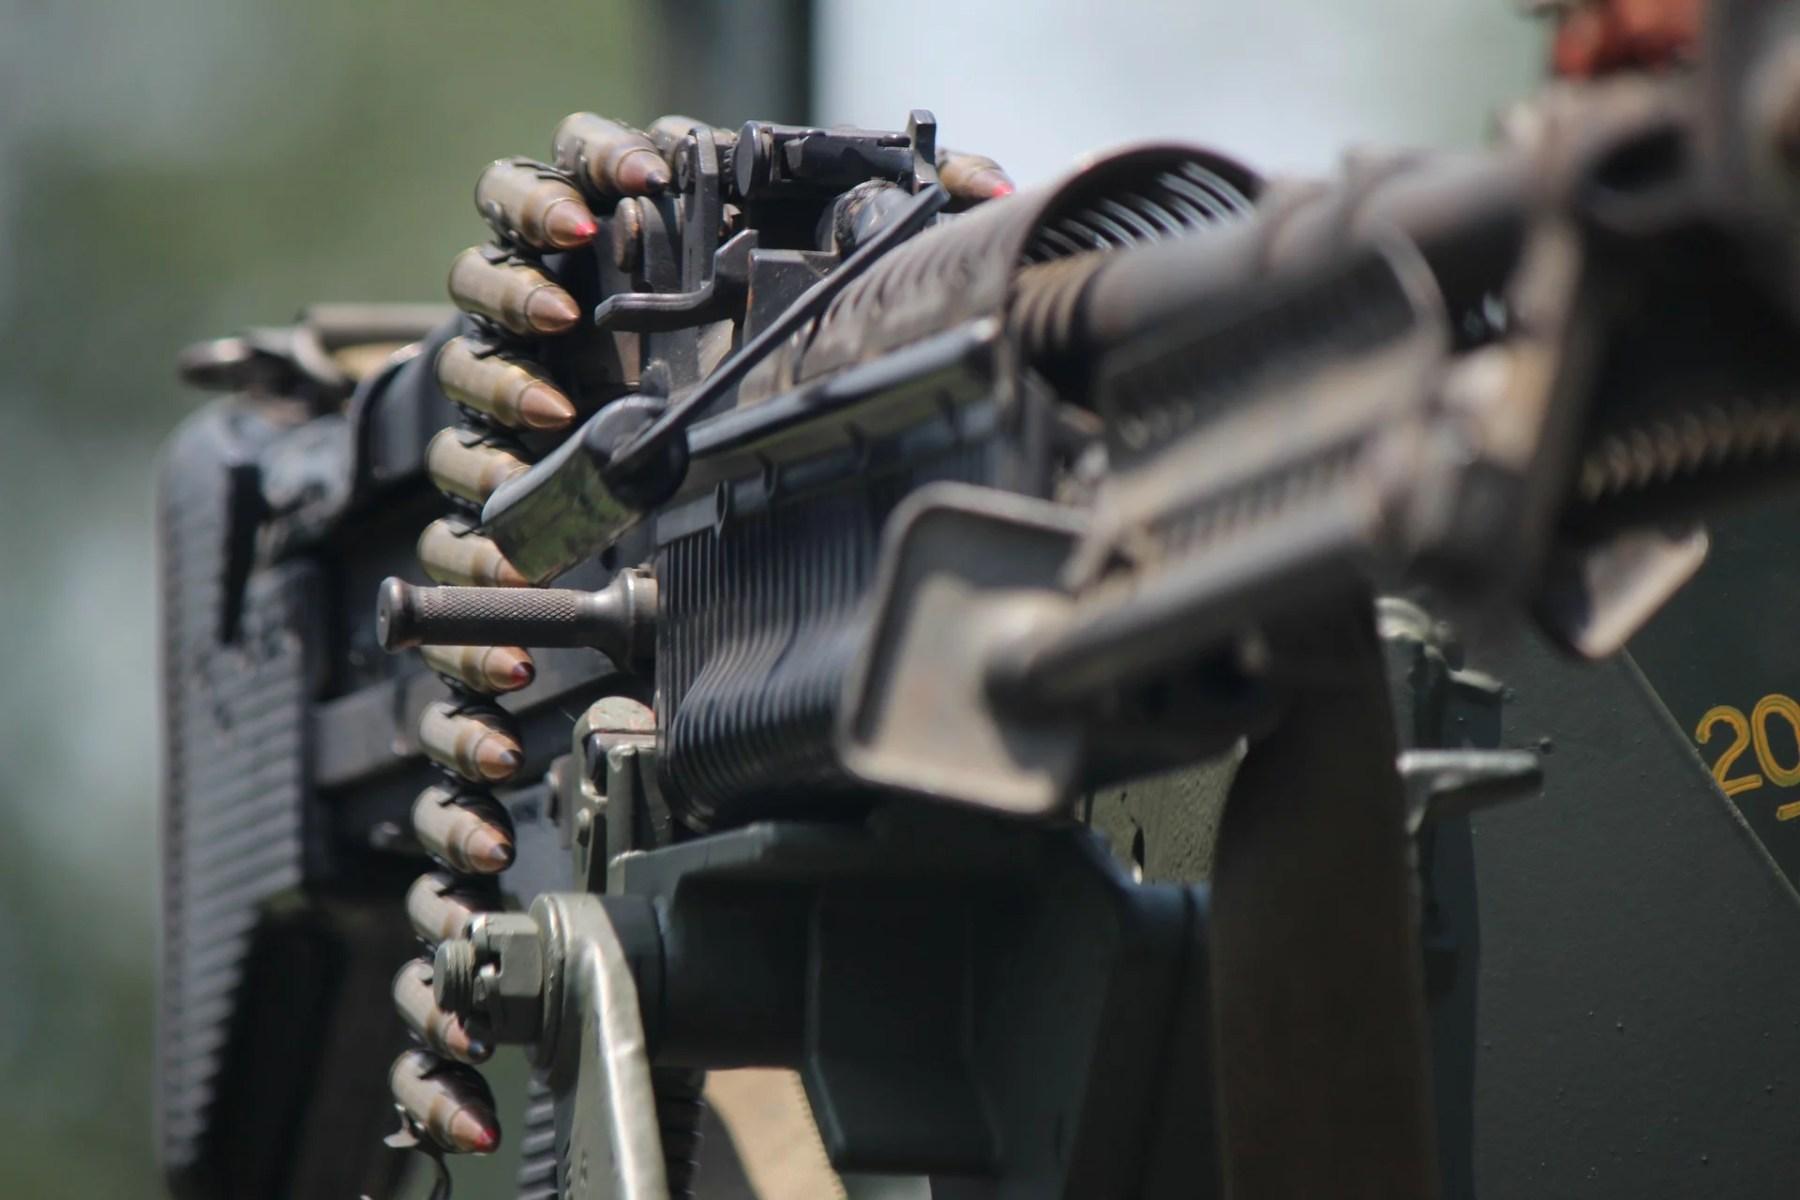 La Légion flamande, des néonazis armés qui s'entraînent dans des jardins